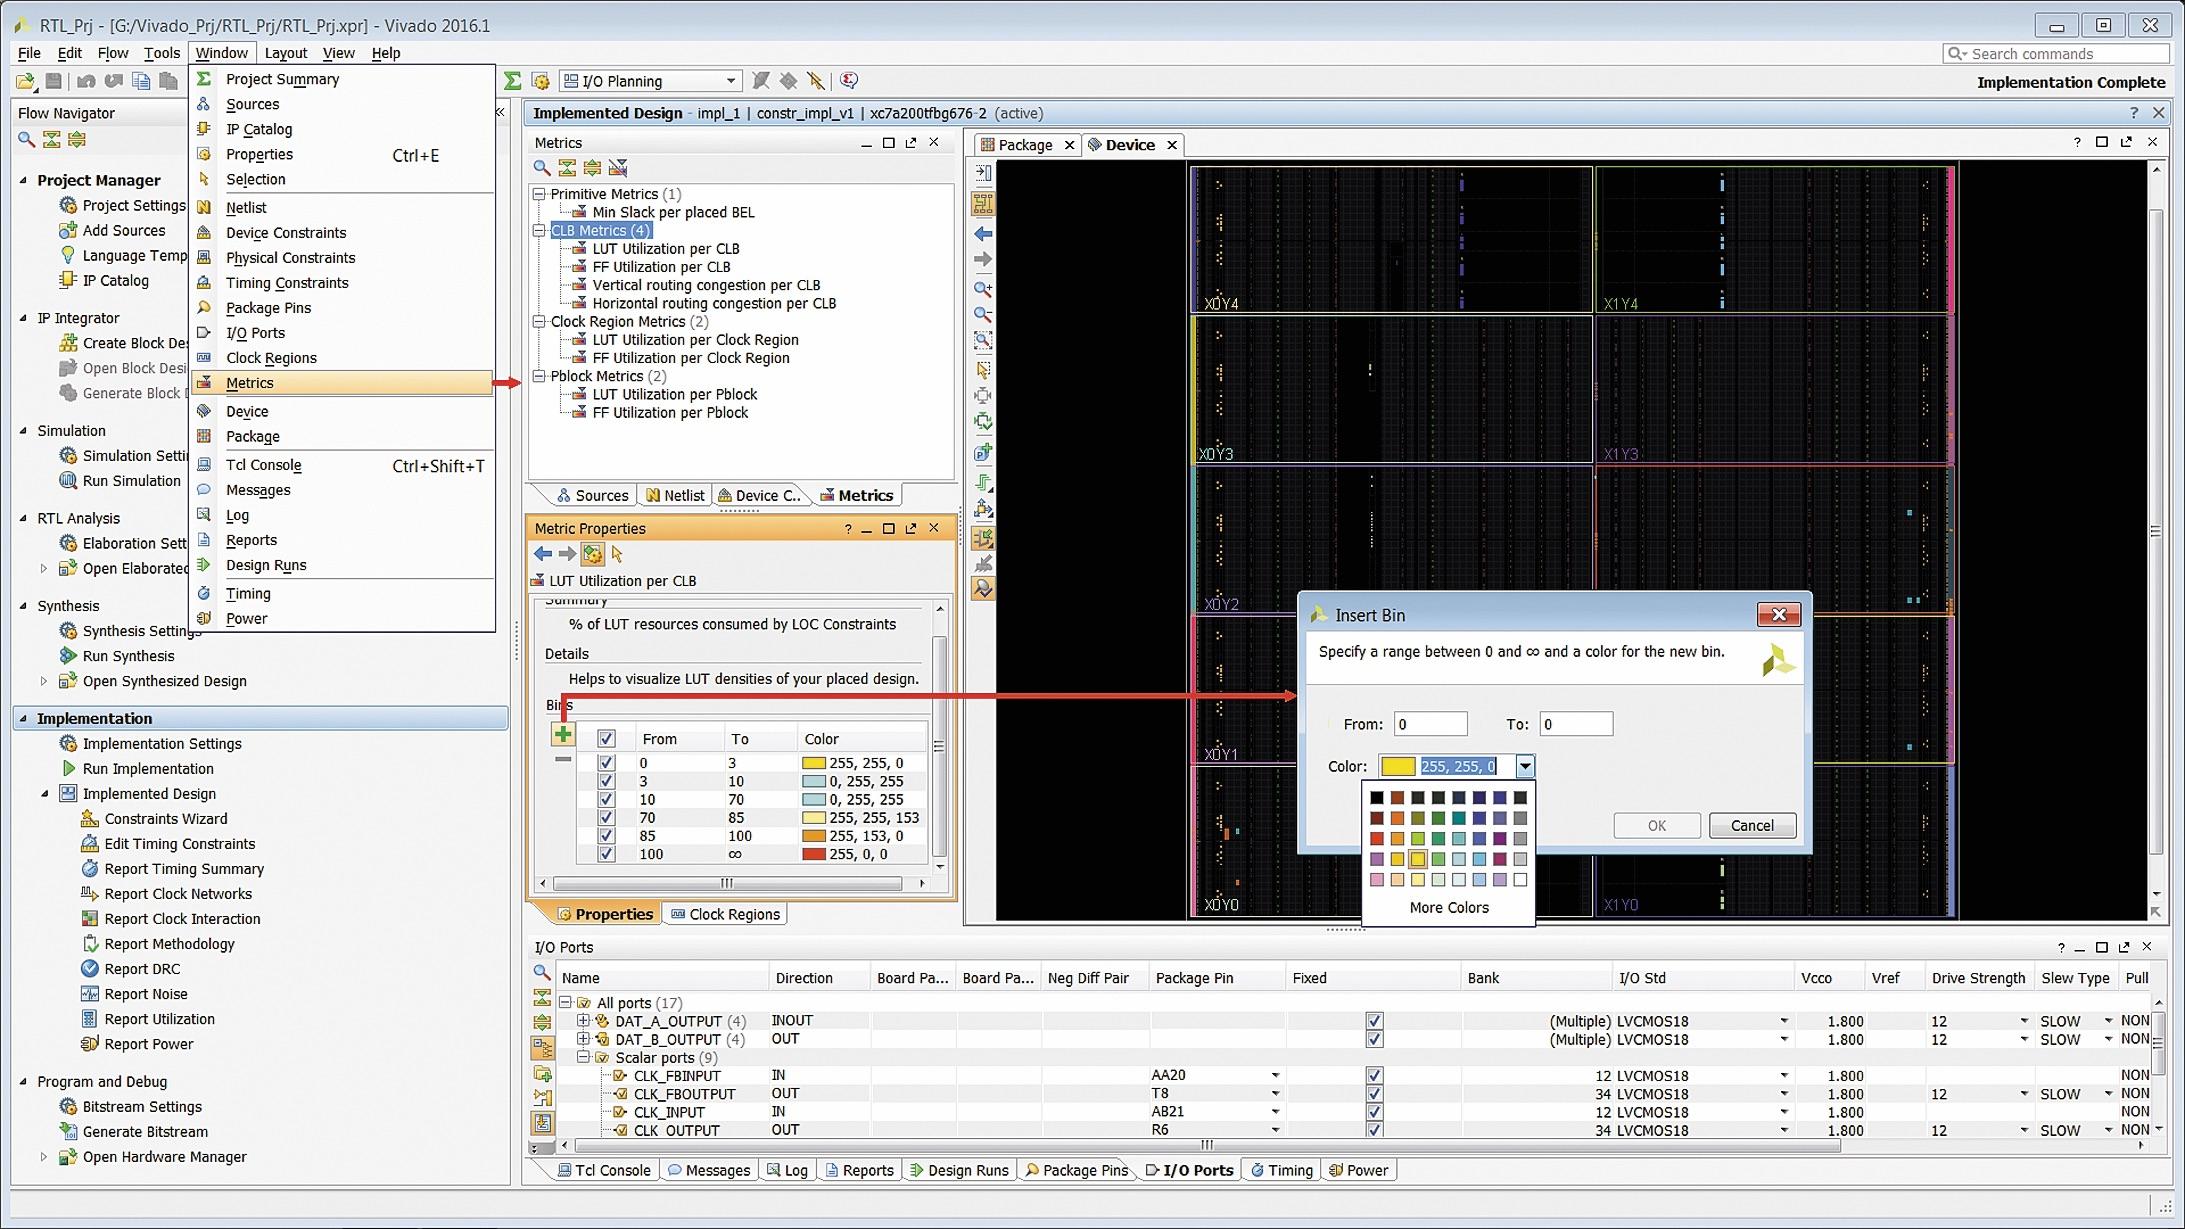 Открытие окна анализа показателей, характеризующих плотность распределения используемых логических ресурсов кристалла